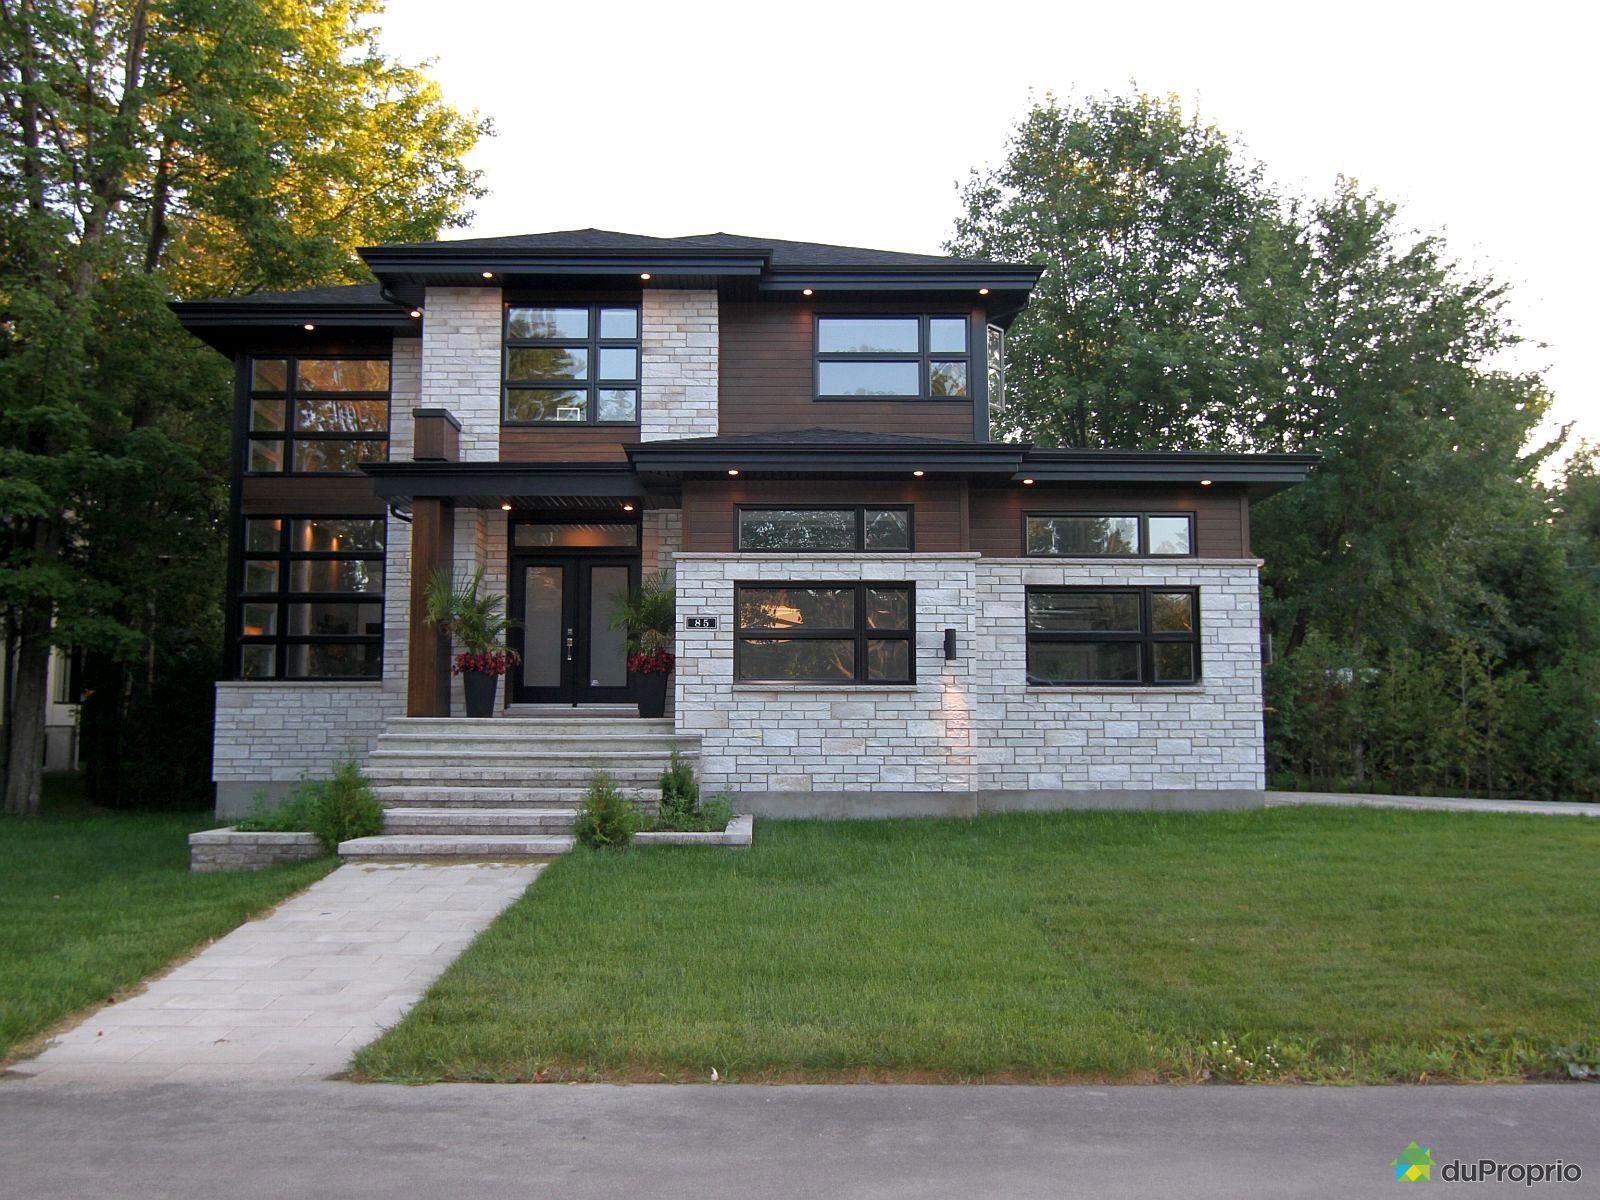 Maison moderne blainville avec des id es for Maison moderne 06